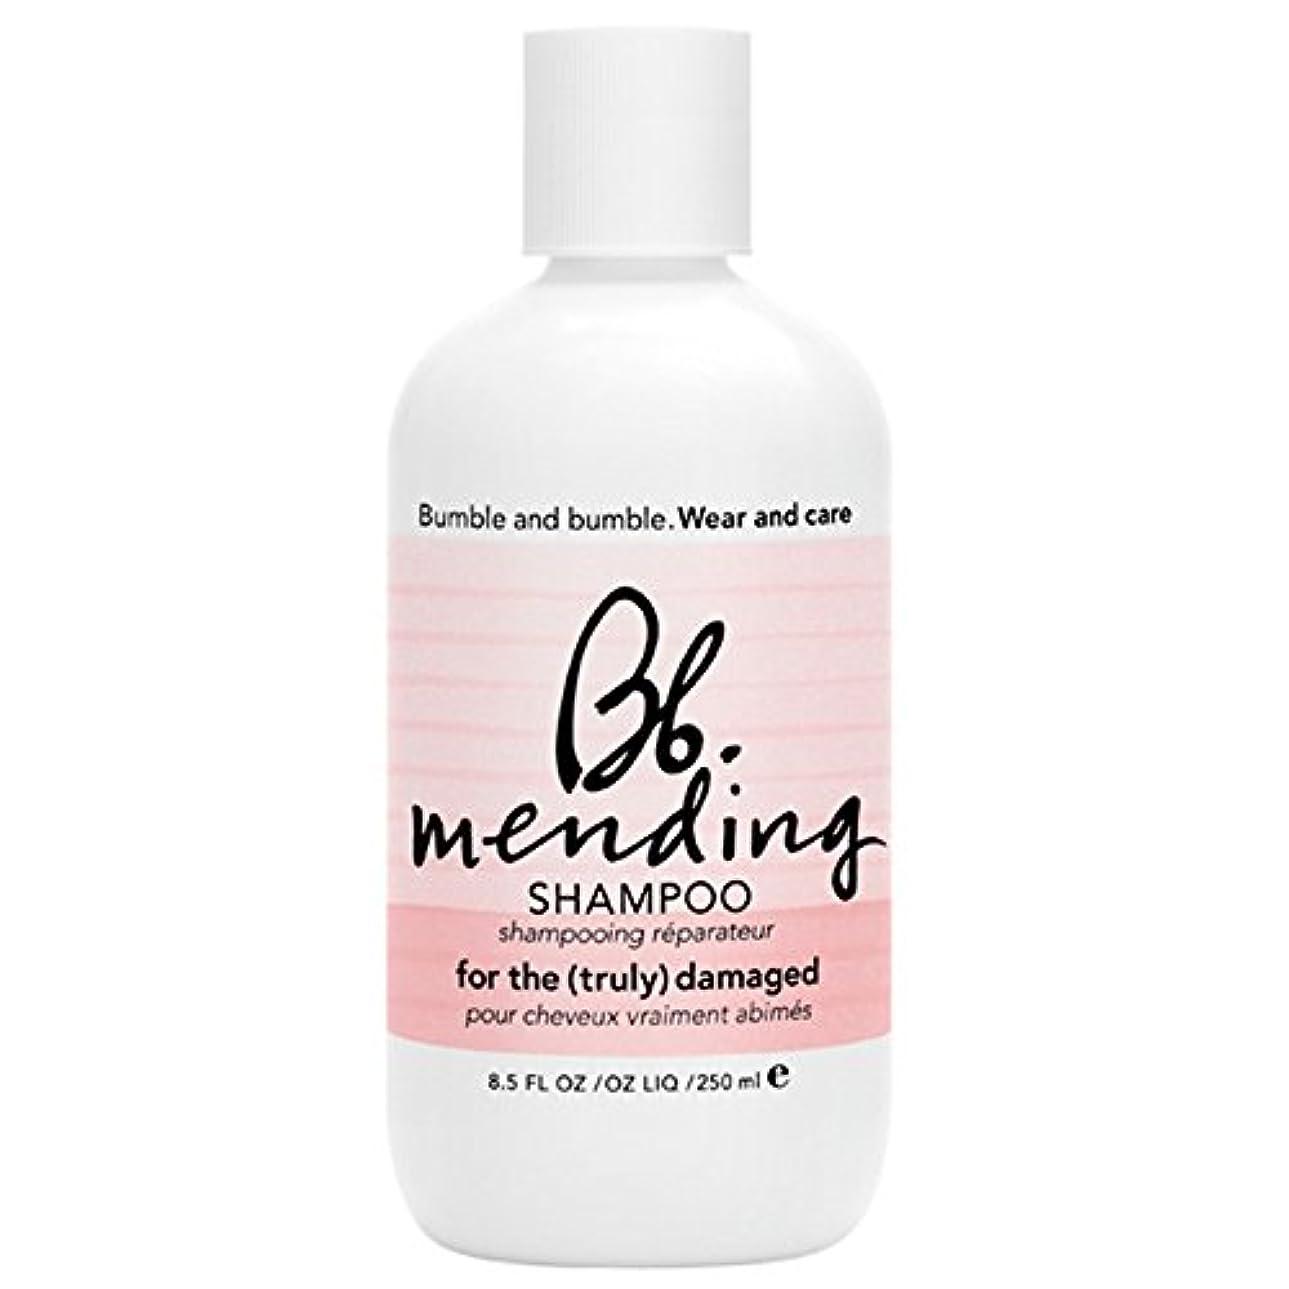 日曜日出力ジョグバンブルアンドシャンプー250ミリリットルを補修バンブル (Bumble and bumble) - Bumble and bumble Mending Shampoo 250ml [並行輸入品]